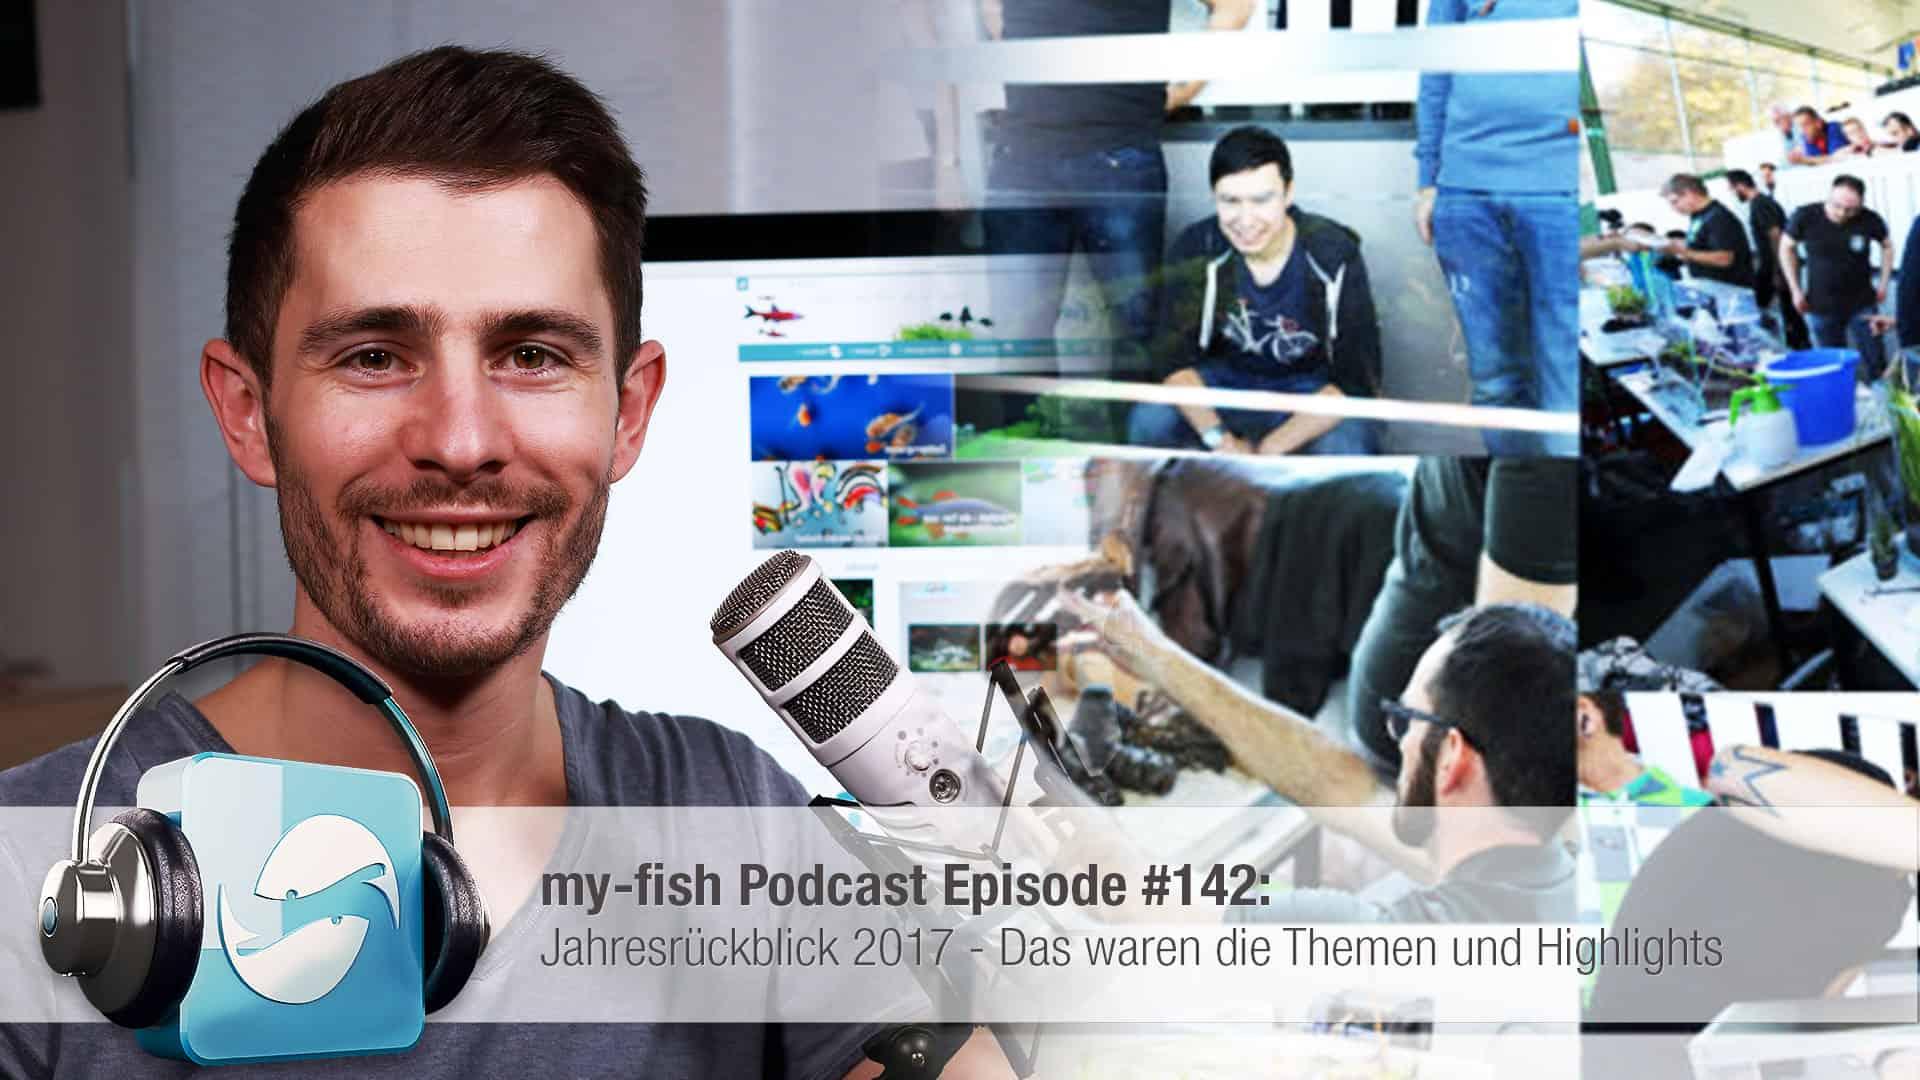 Podcast Episode #142: Jahresrückblick 2017 - Das waren die Themen und Highlights 1